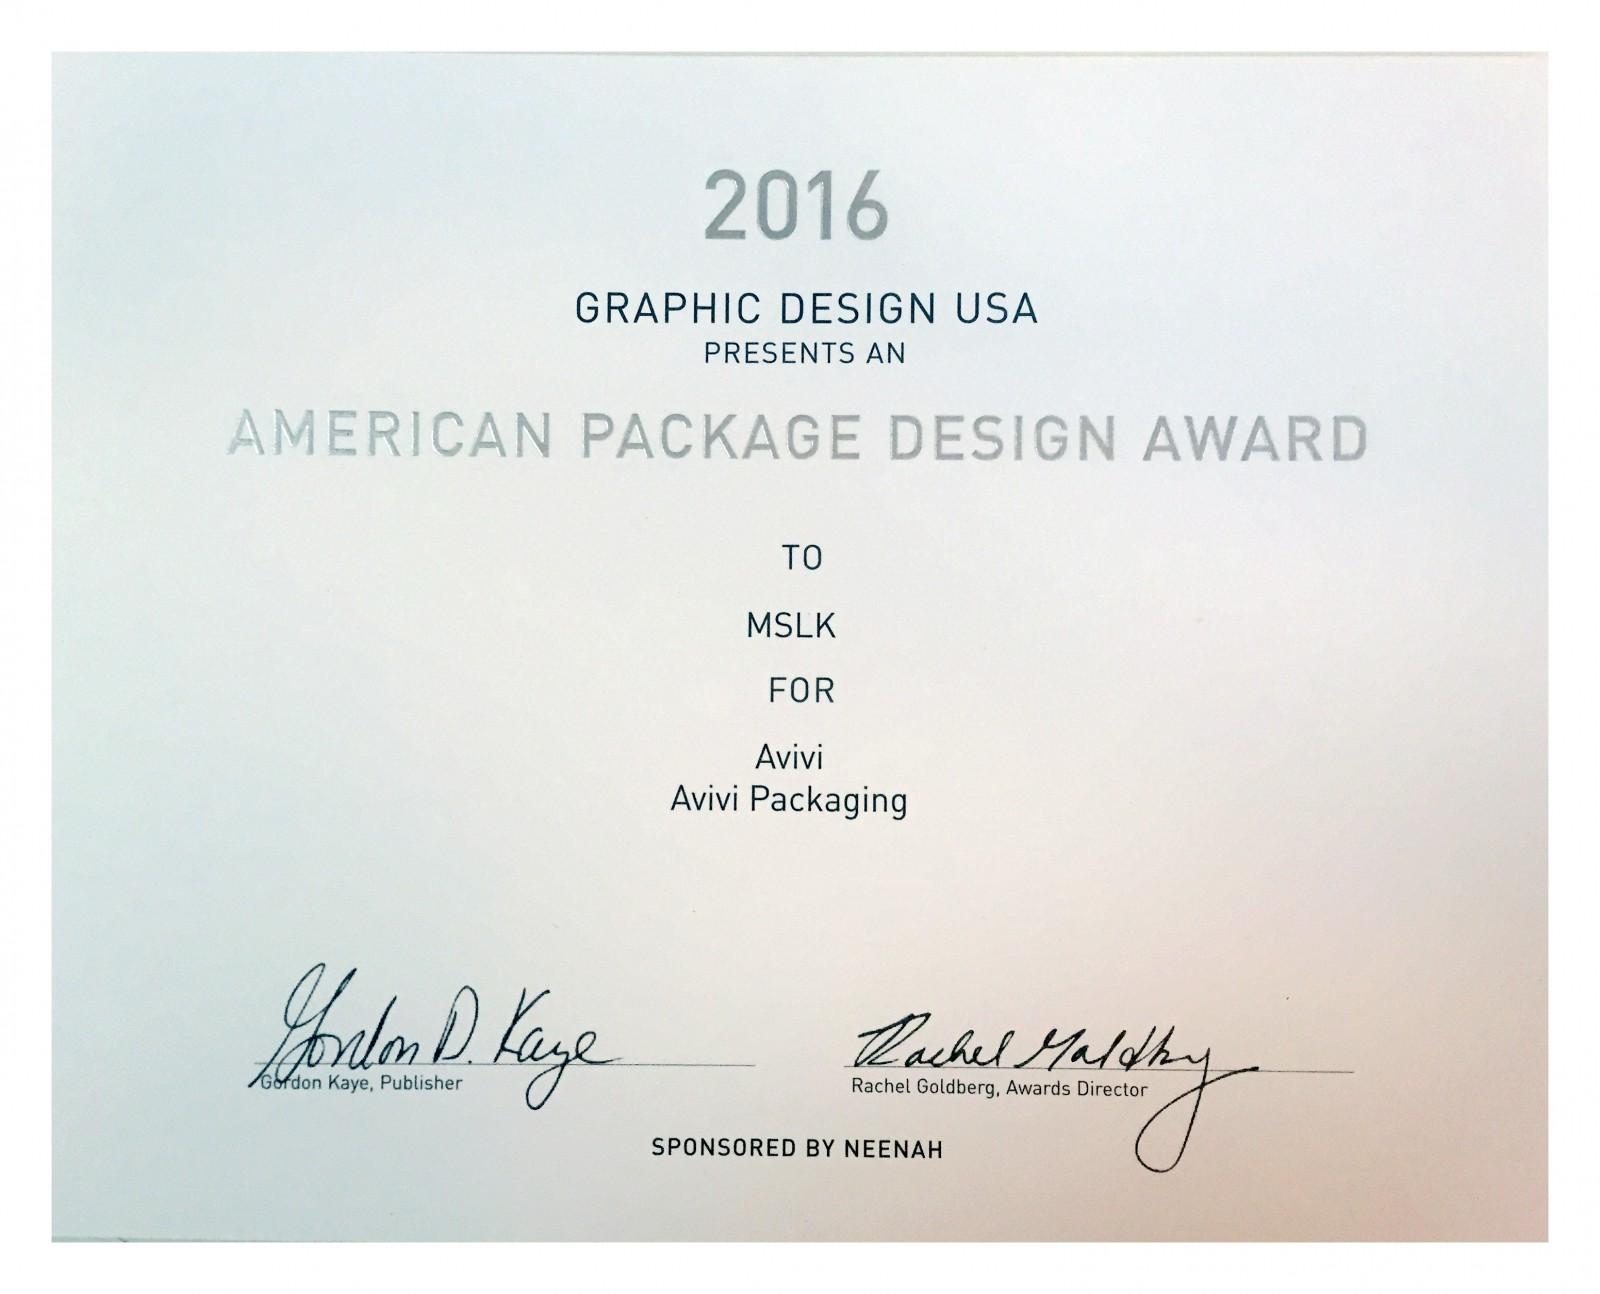 MSLK-Avivi-GDUSA Award